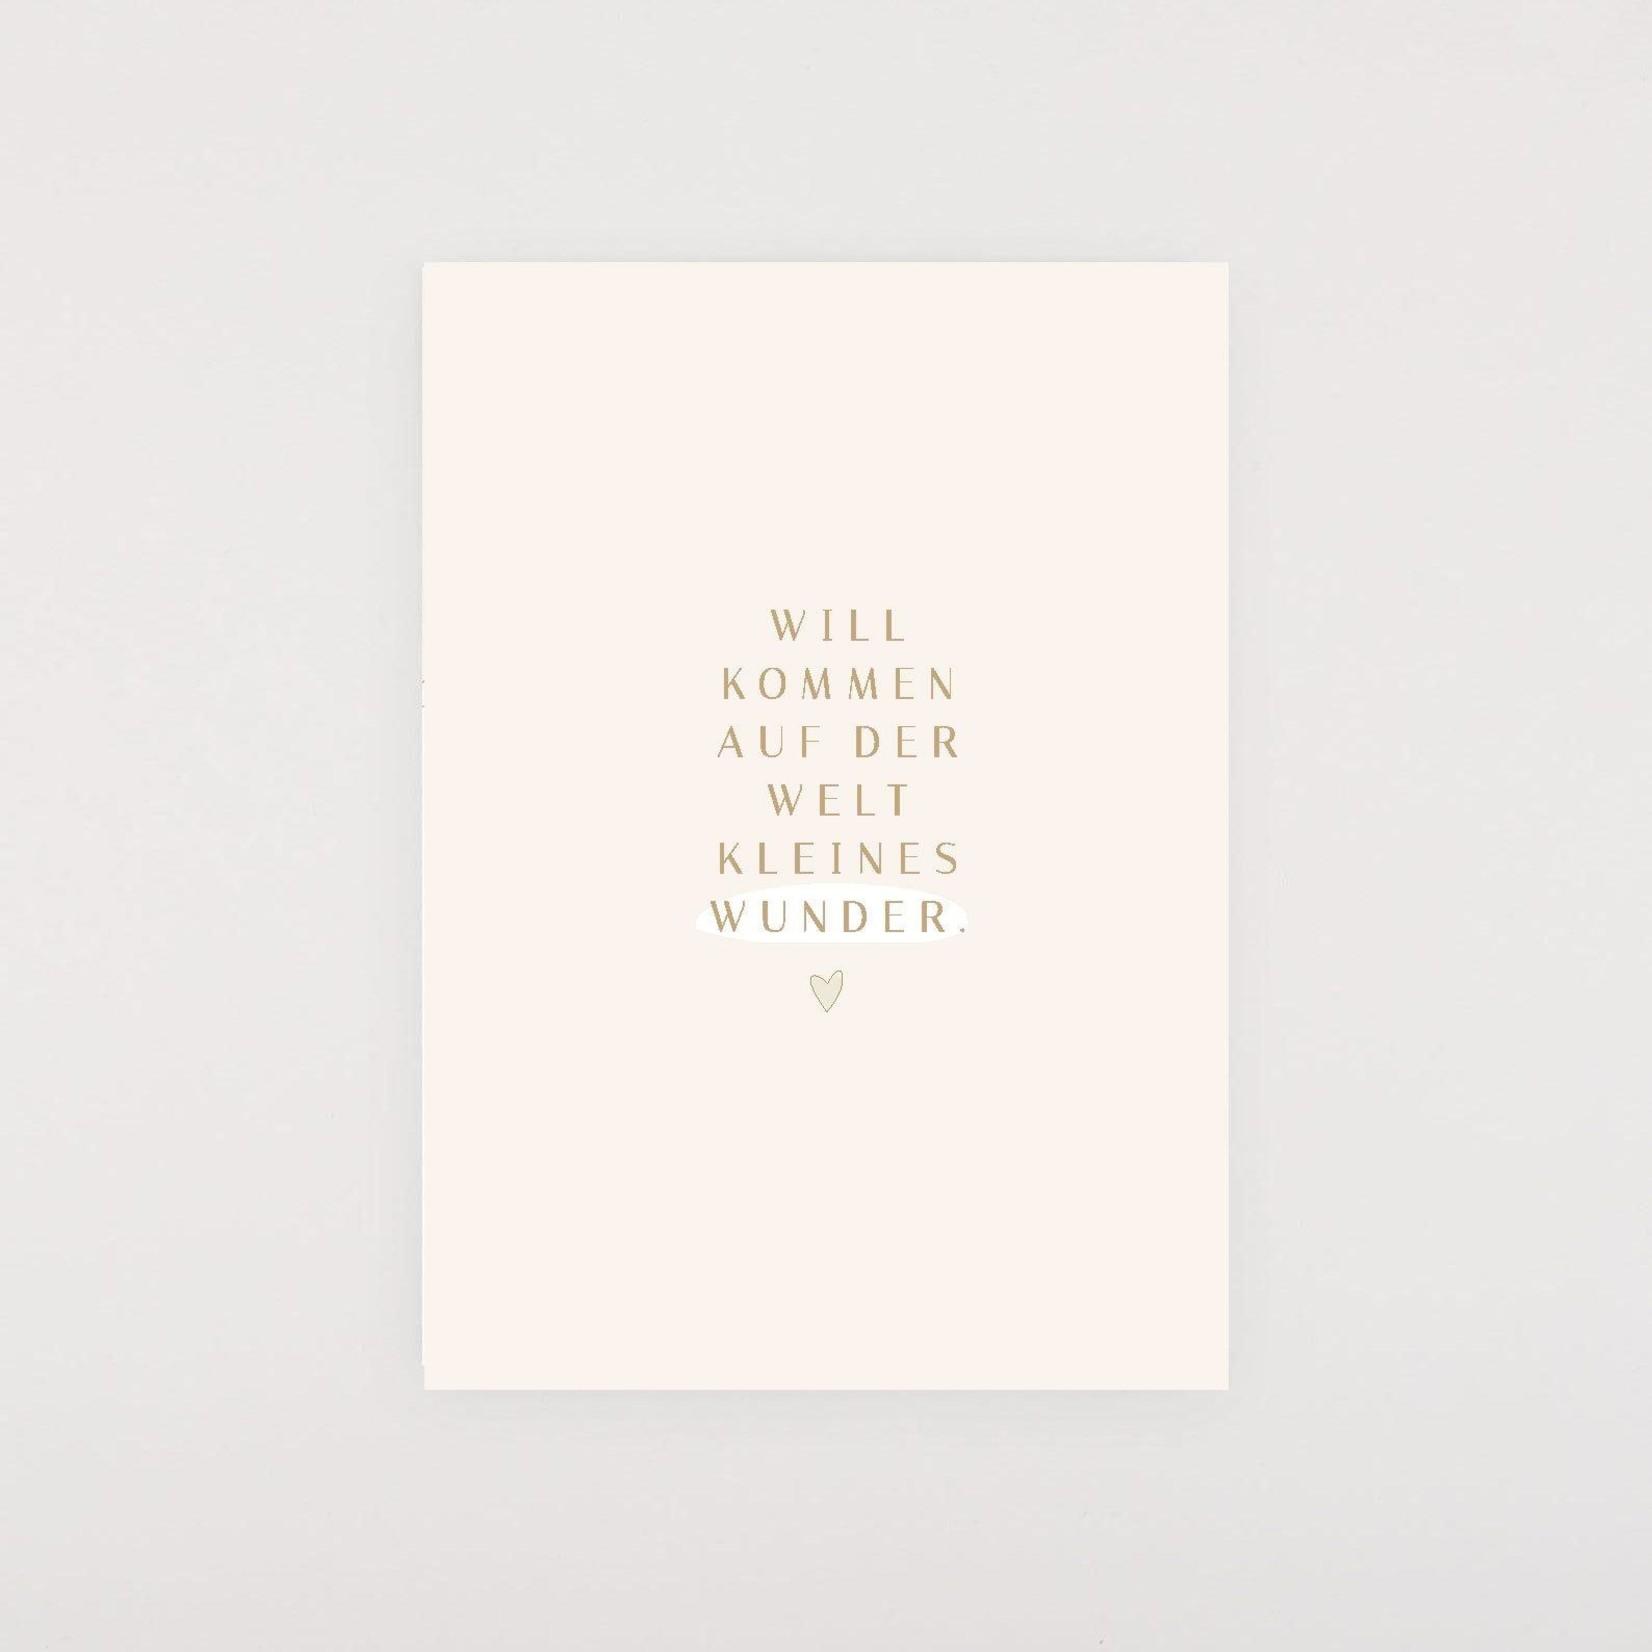 Postkarte Willkommen auf der Welt